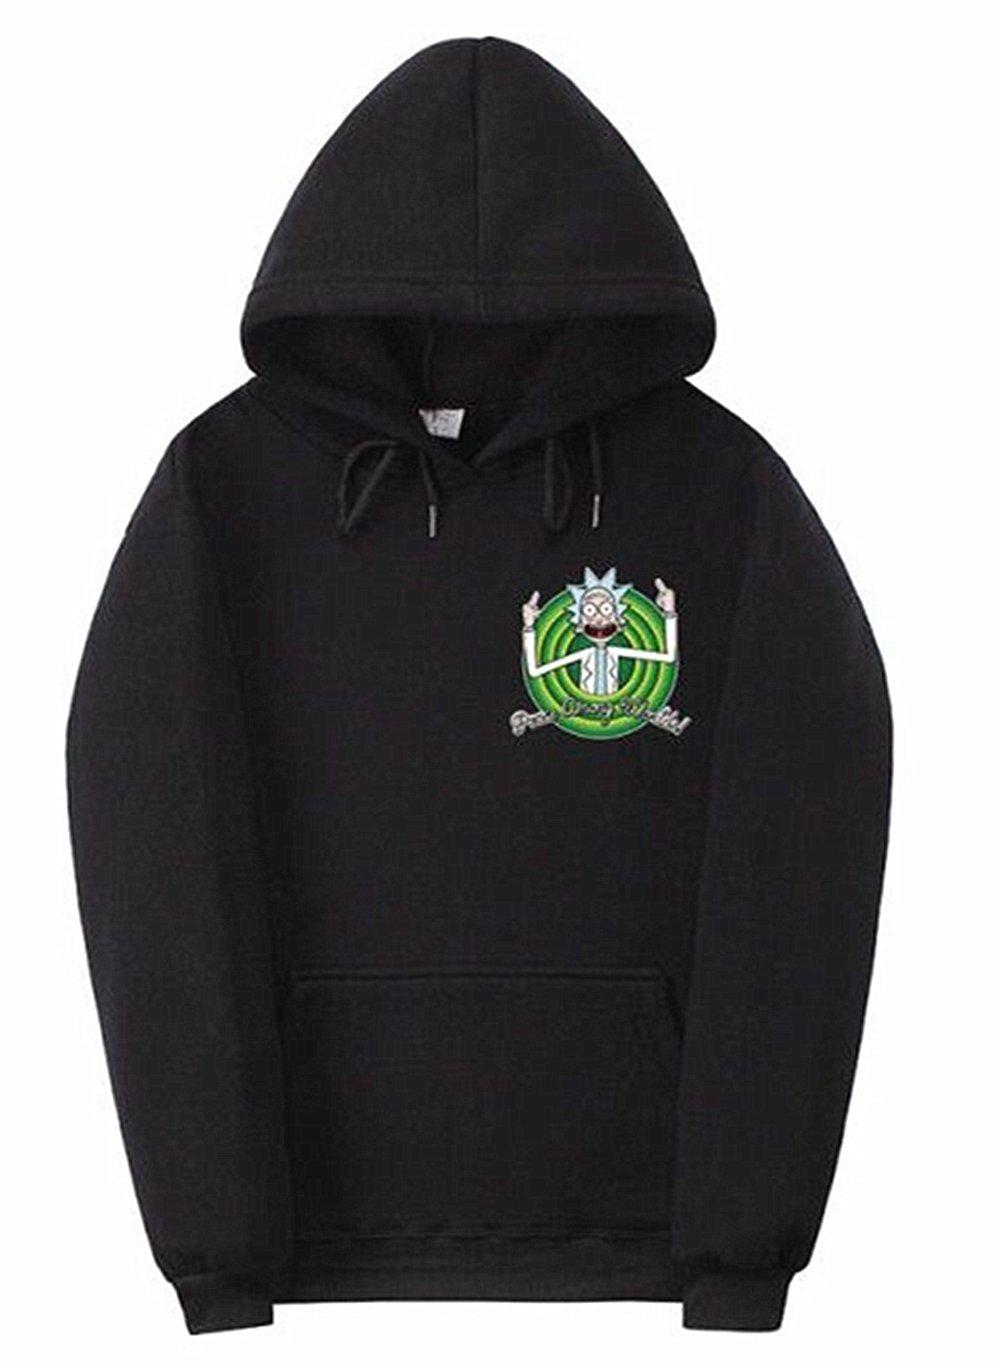 EASYHON Hoodies Unisex Rick and Morty Supreme Hoodie Printed 3D Sweatshirt Sportswear Tracksuit (Black,XX-Large)